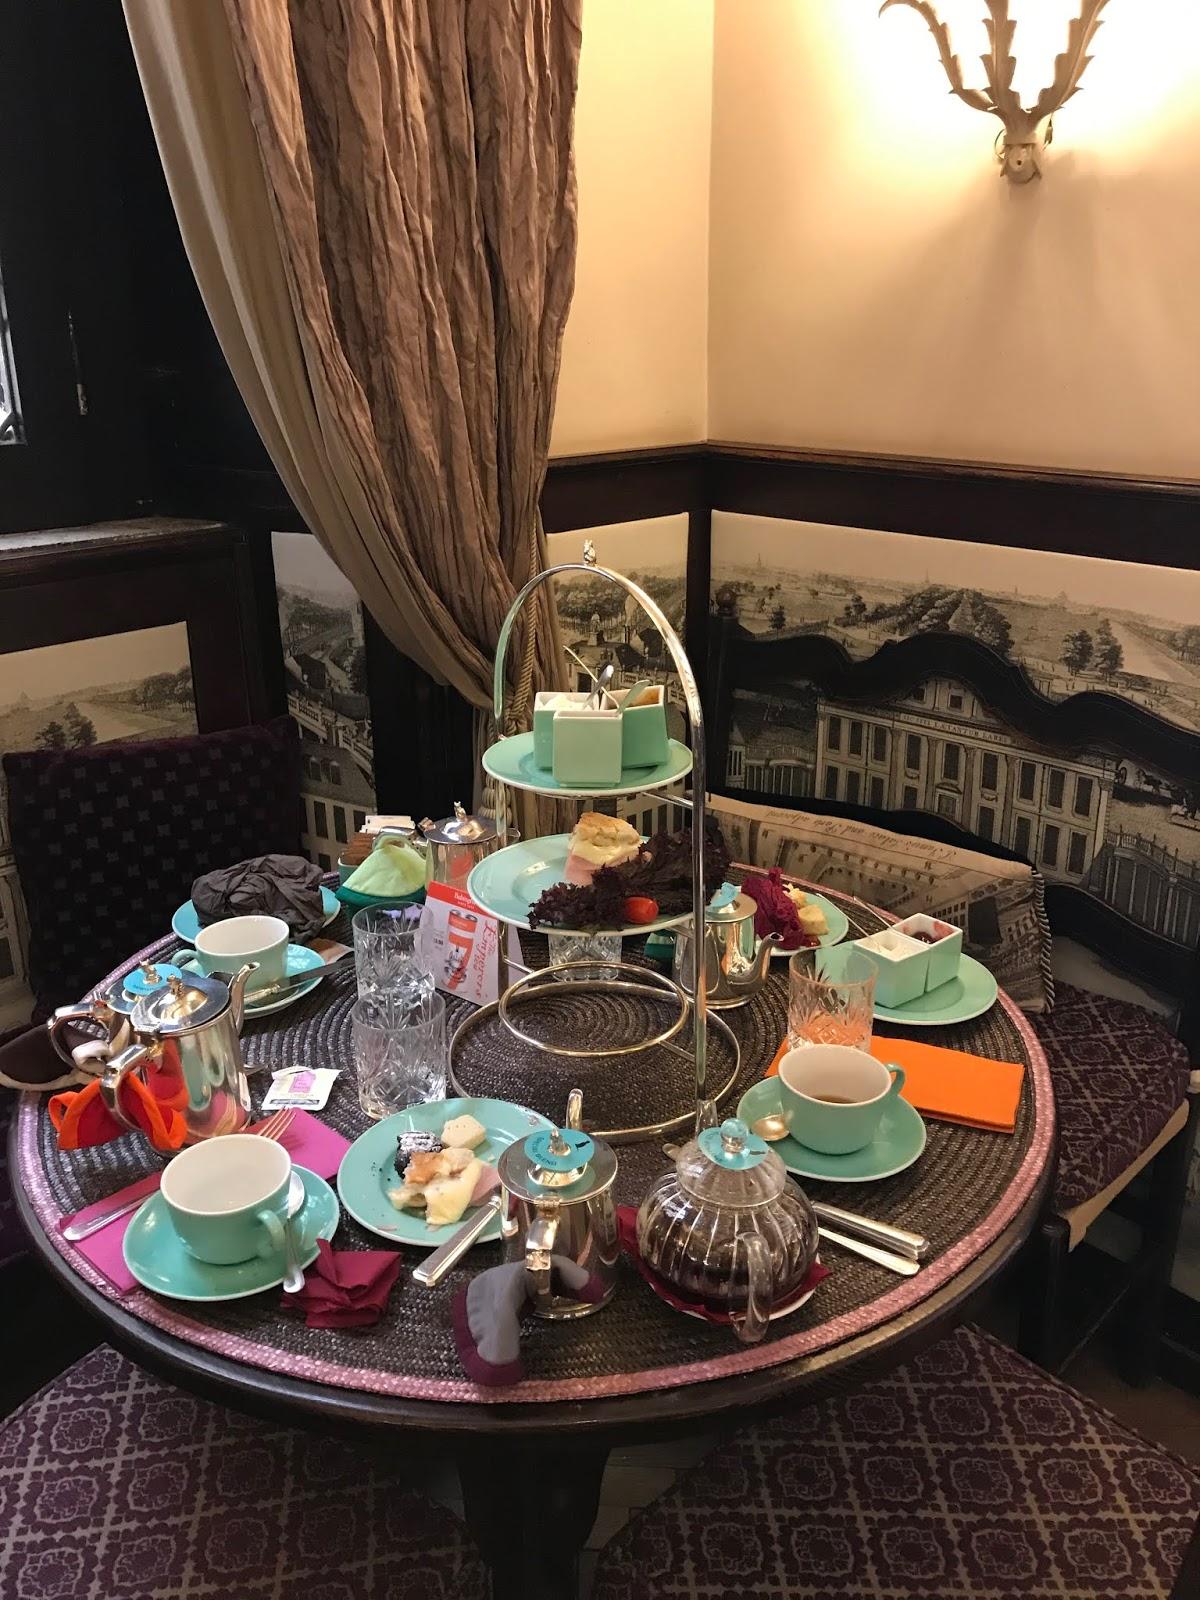 Barb's Tea Shop: Babington's Tea Room in Rome: Our visit ...